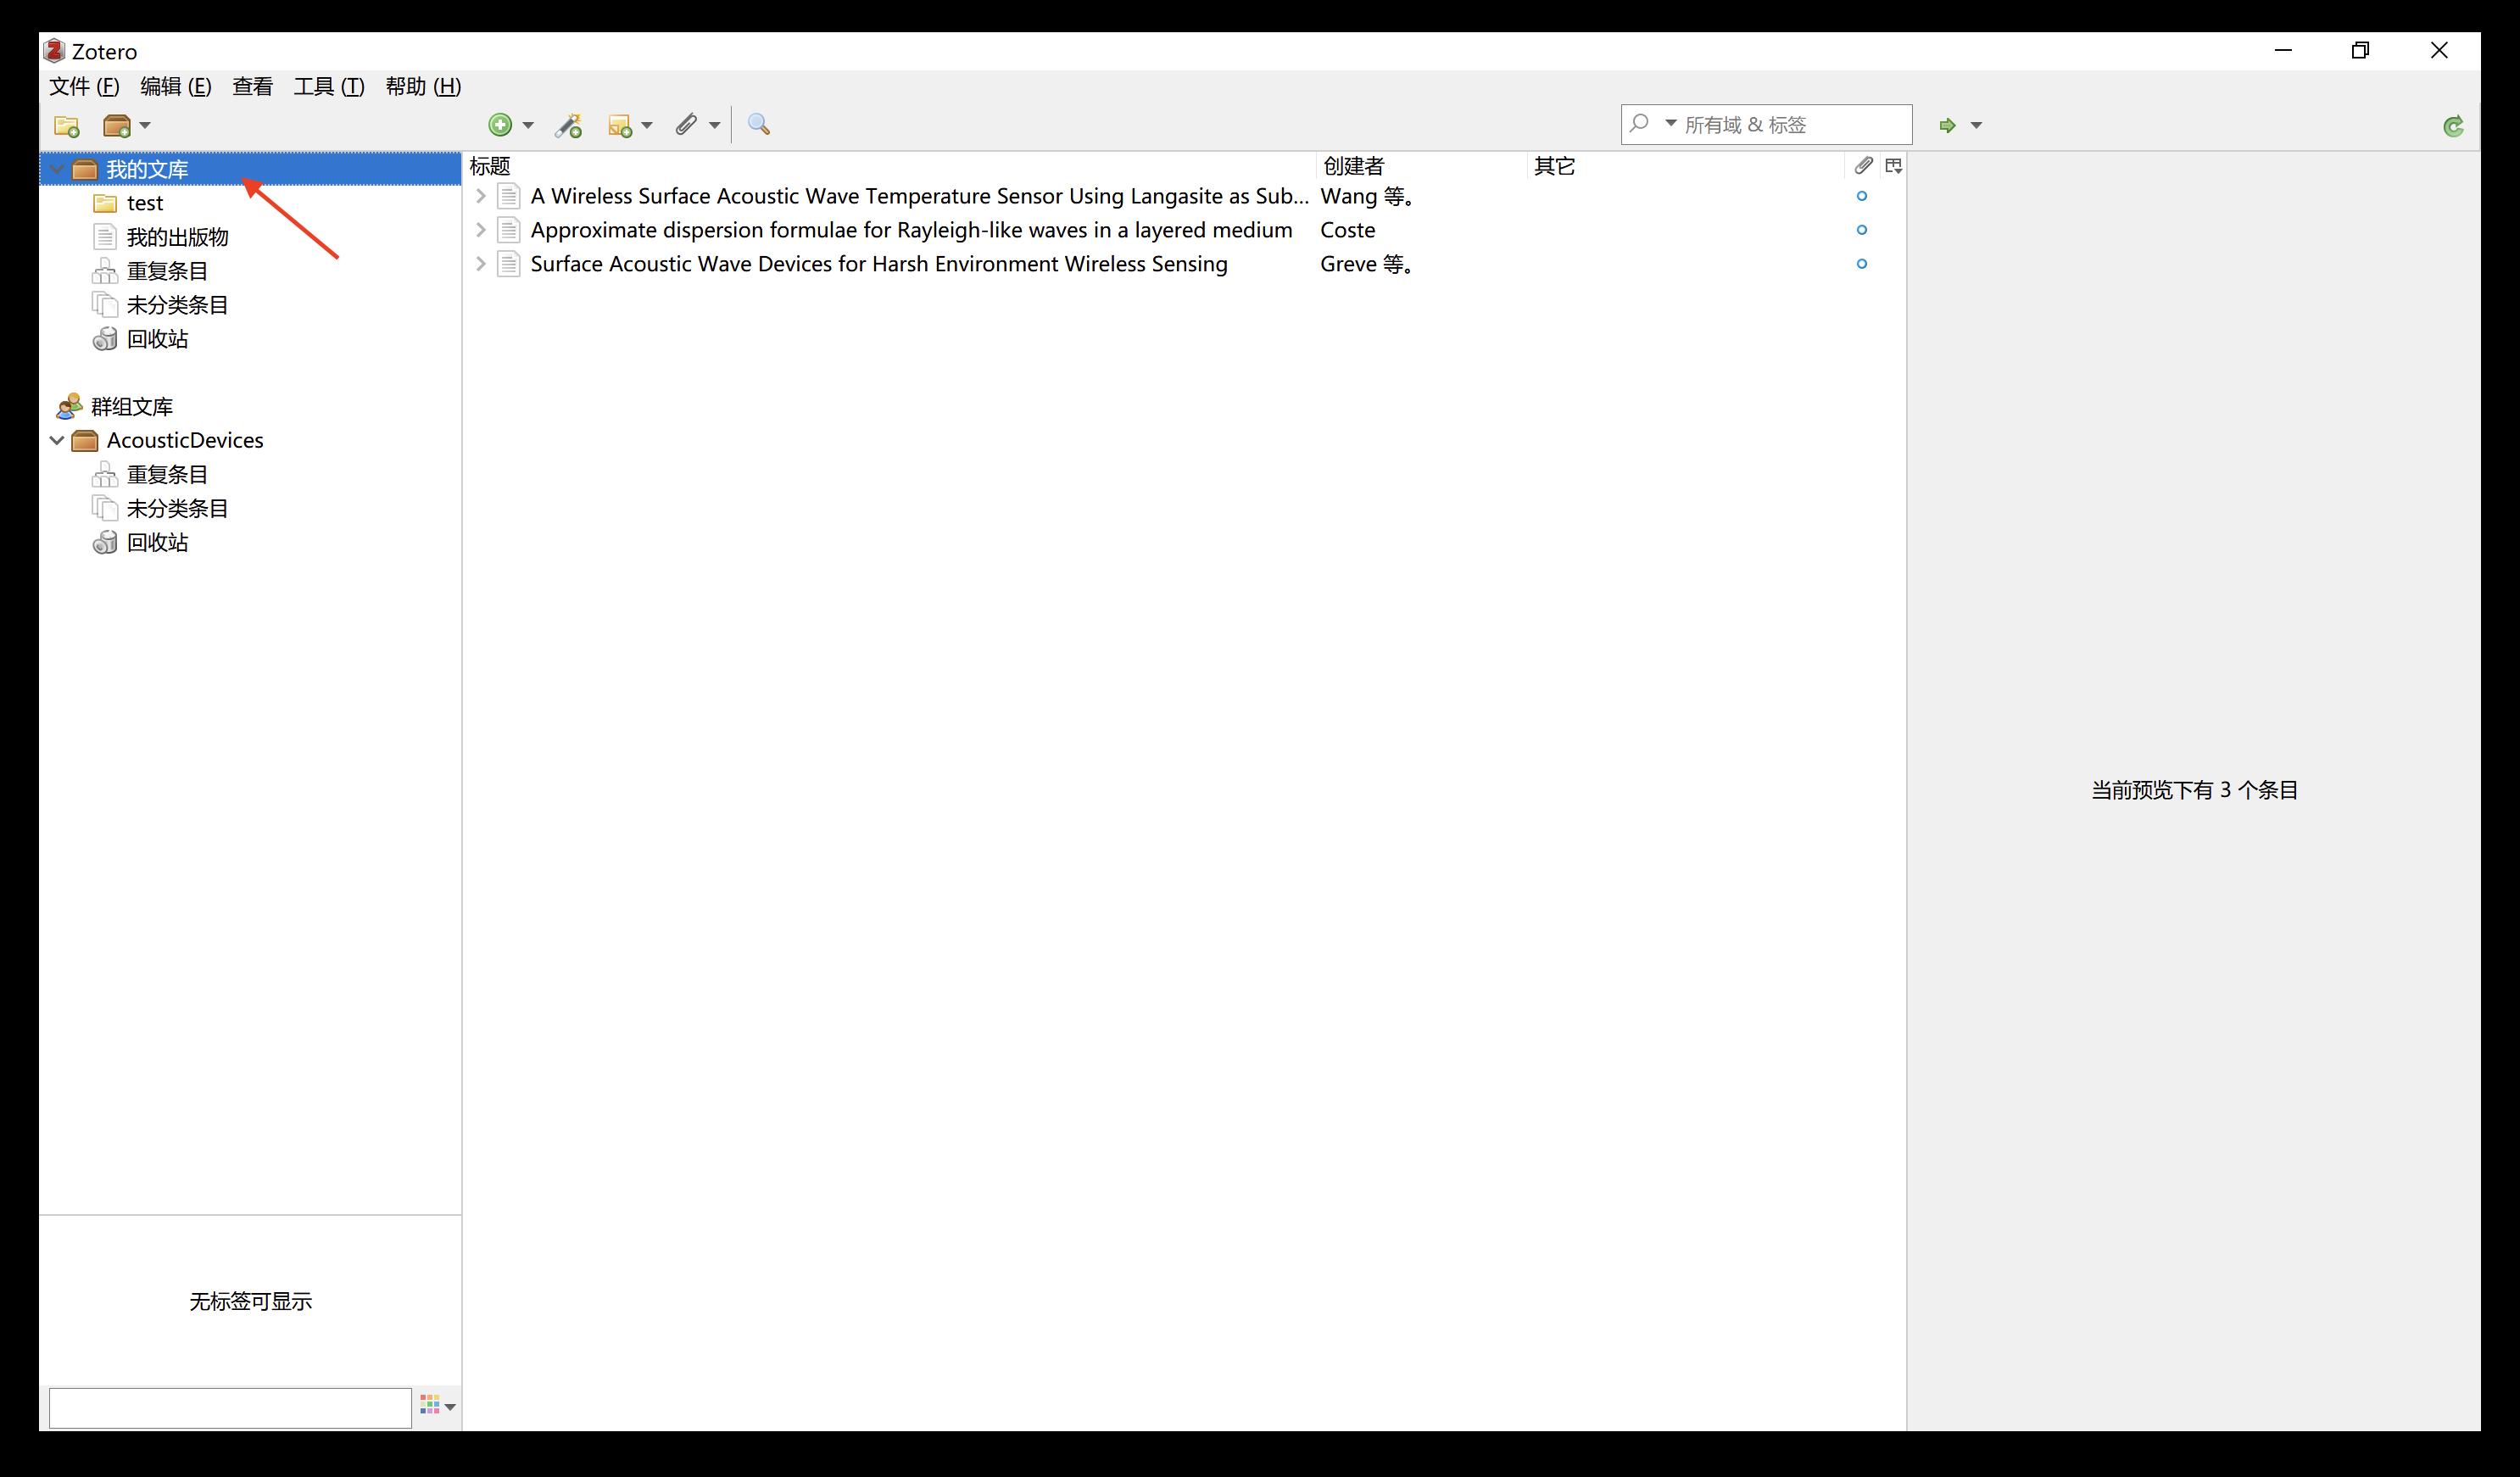 先选中我的文库,再Run Javascript